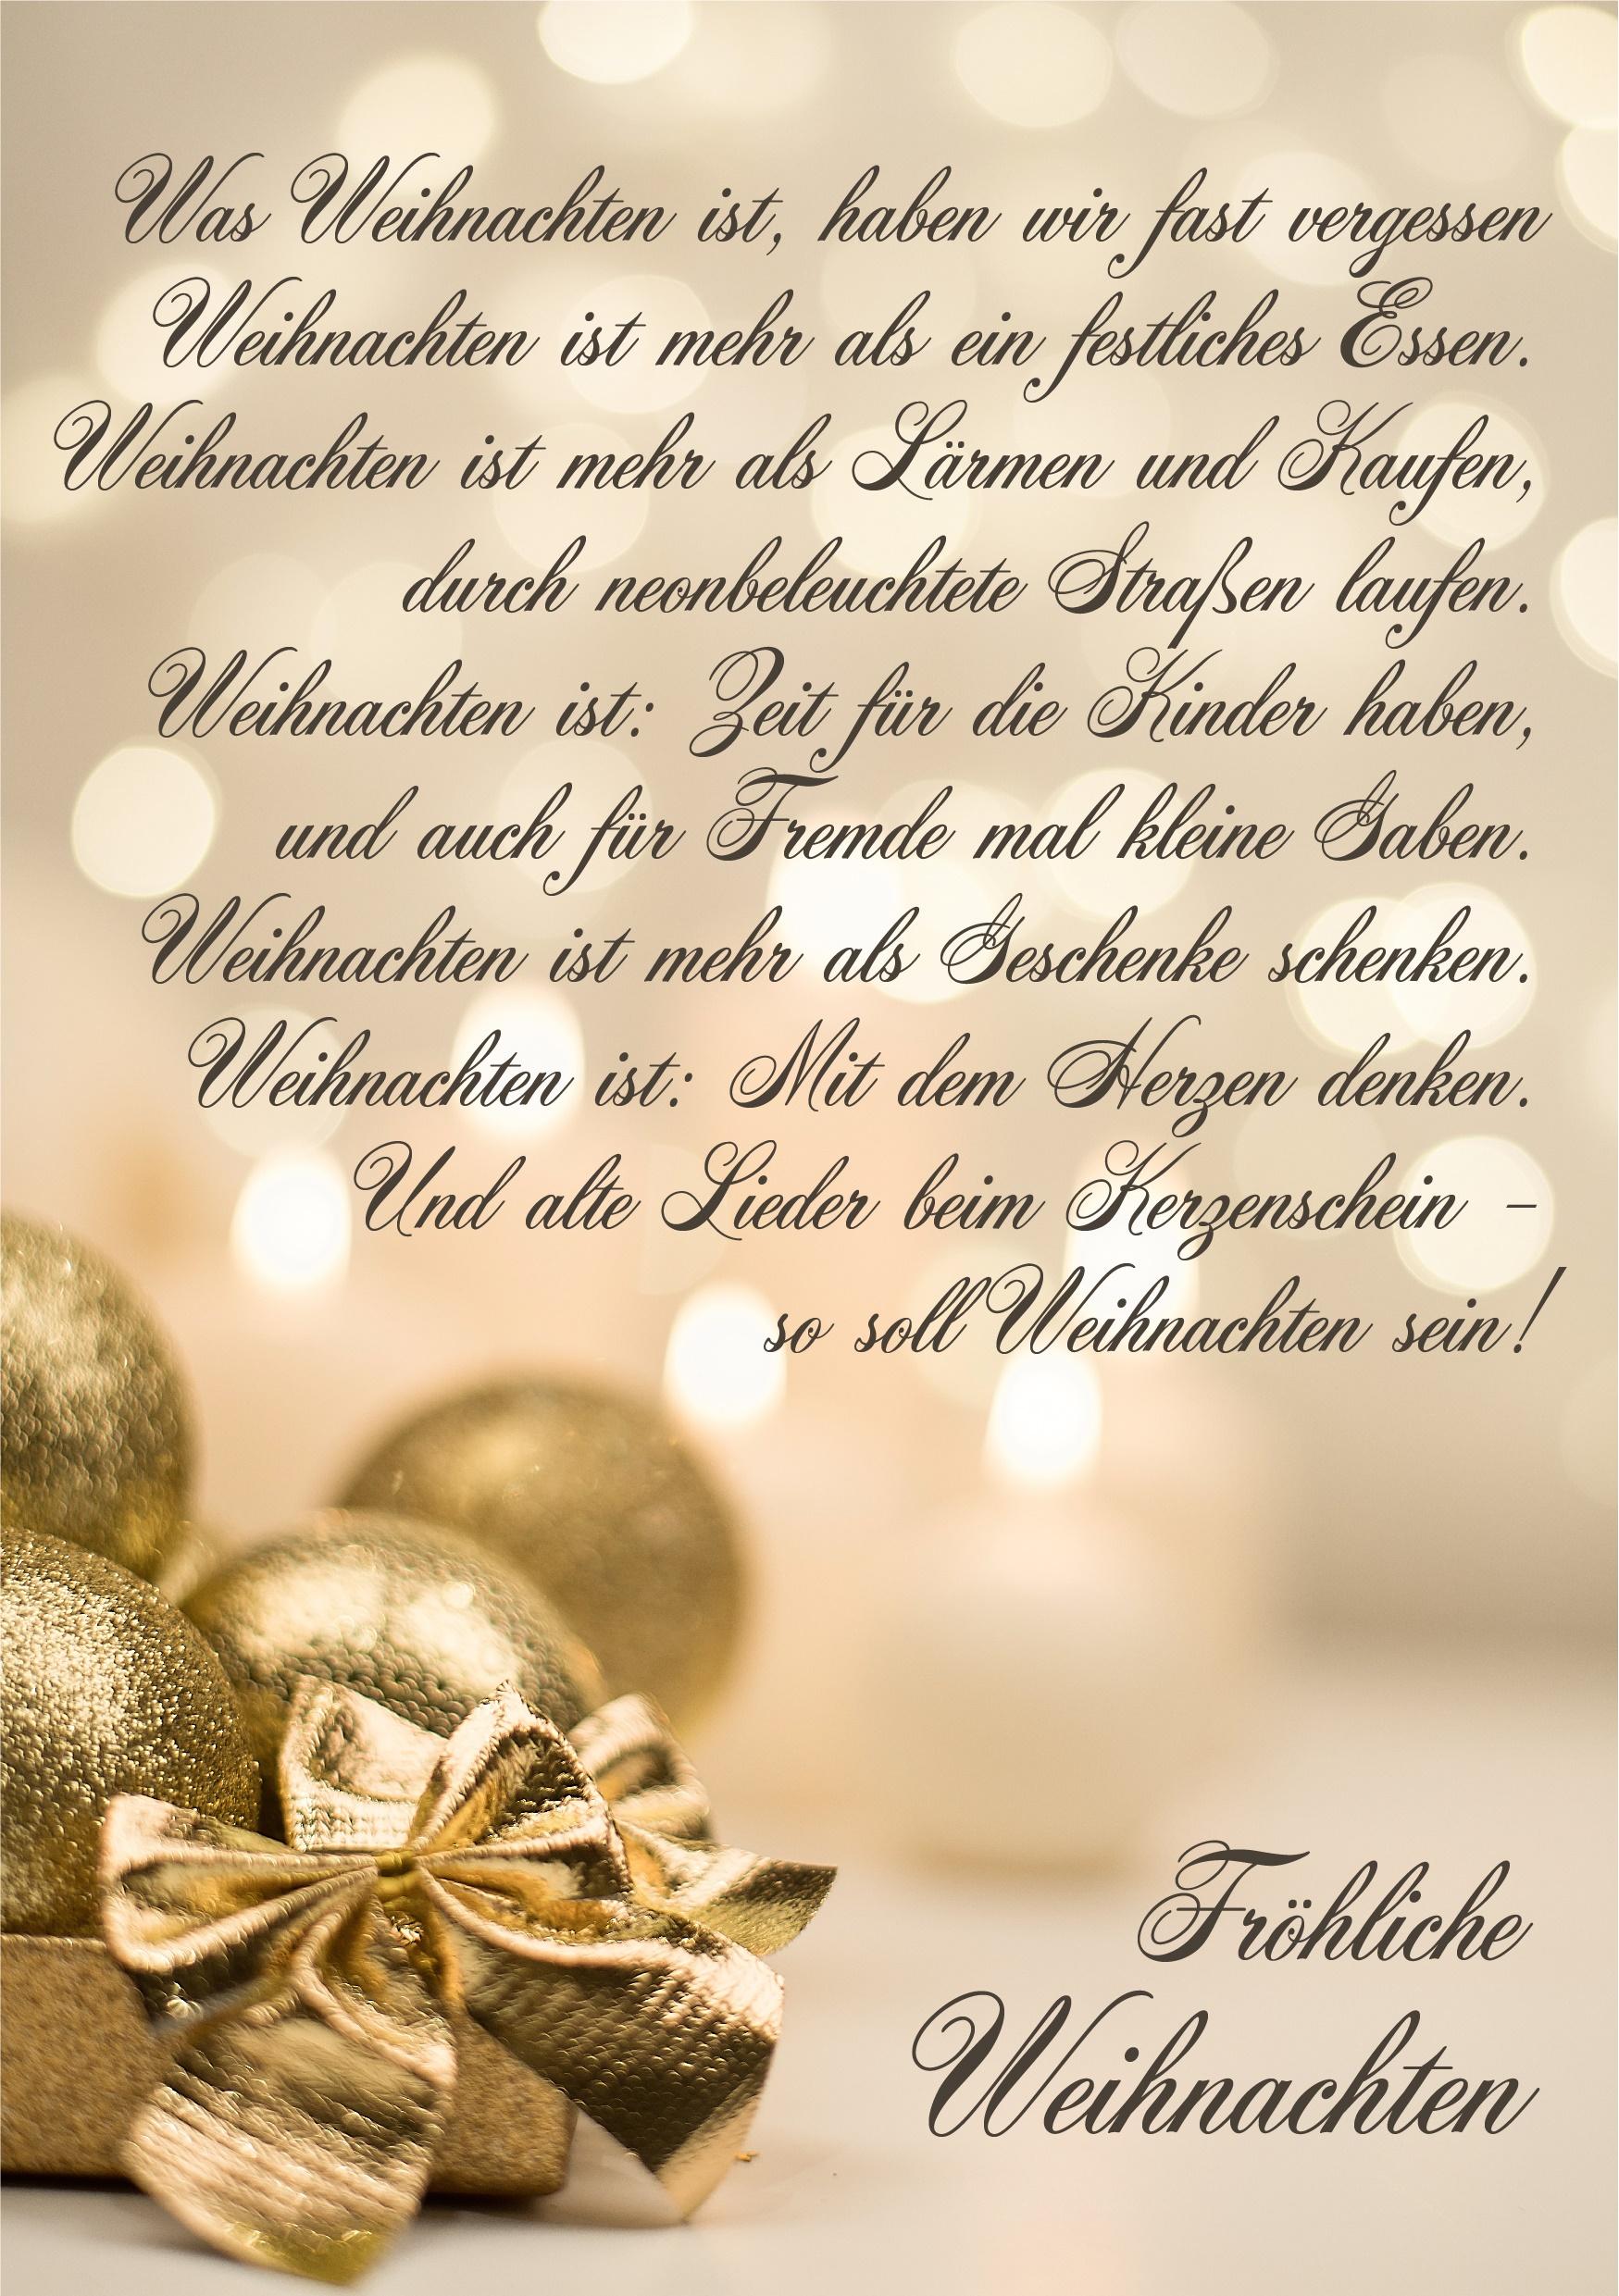 Einladung Zur Weihnachtsfeier Vorlagen Texte